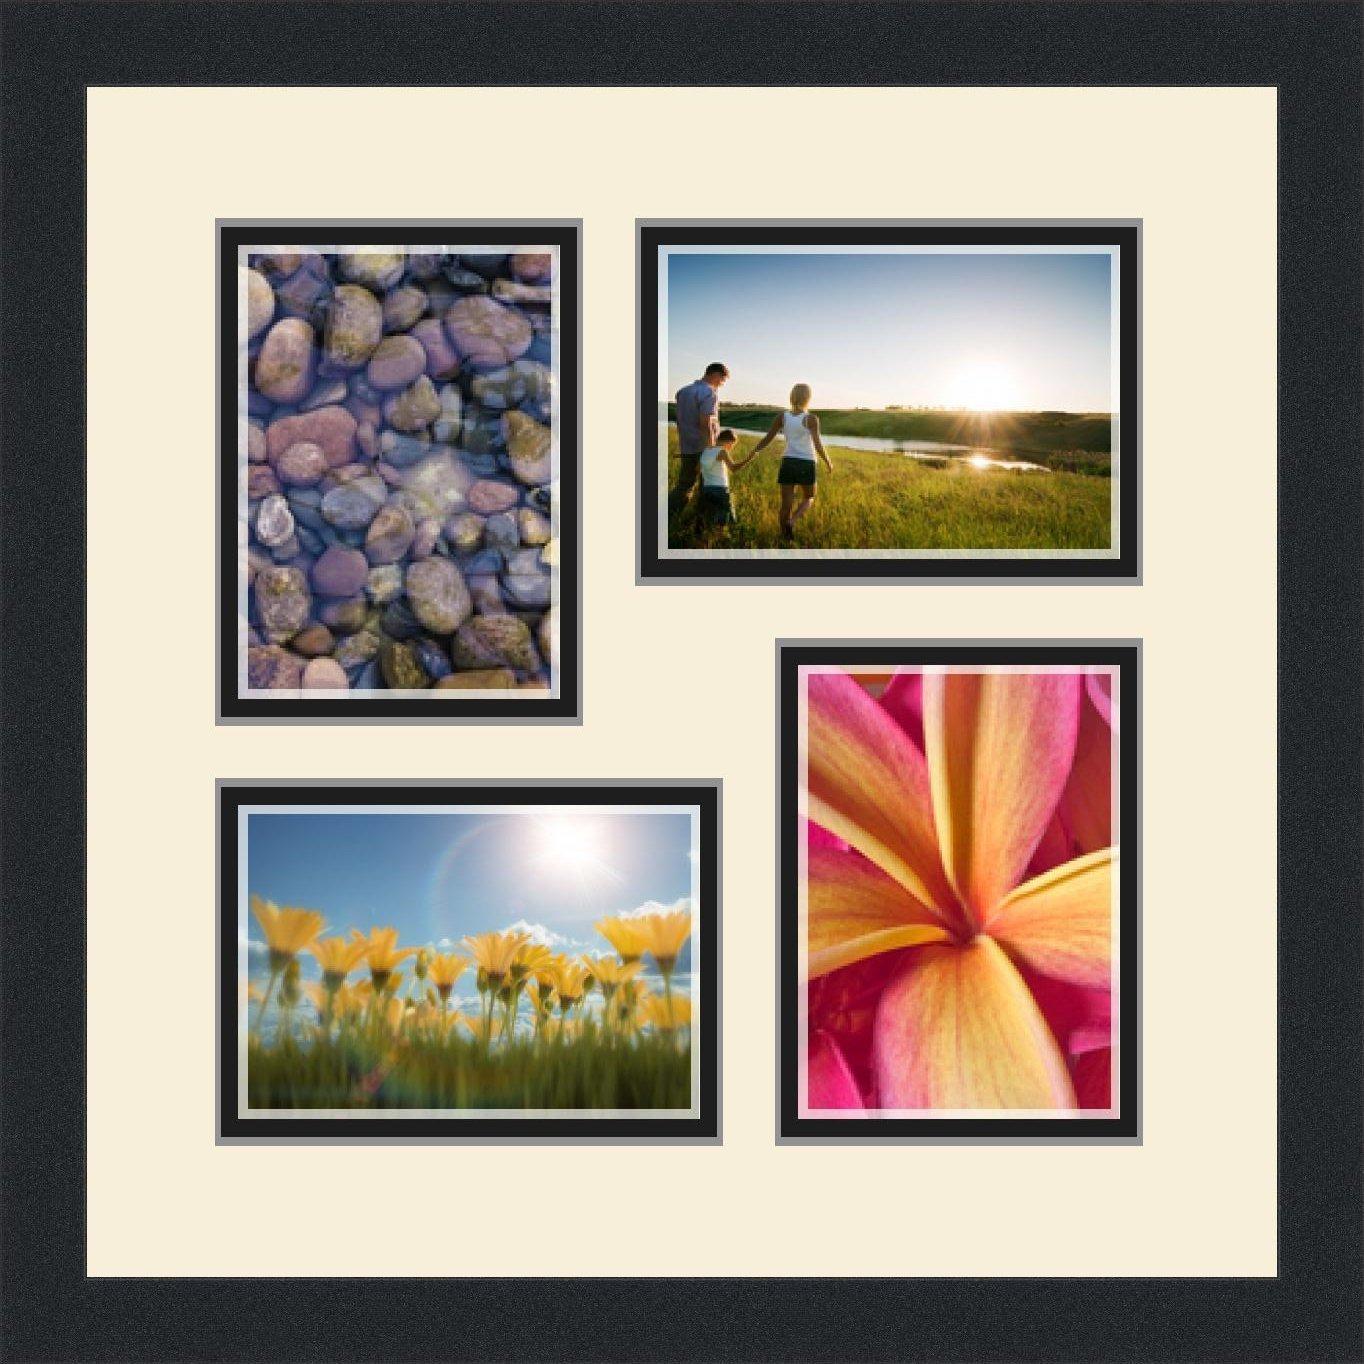 Amazon.de: Art An Rahmen double-multimat-298-128/89-frbw26079 Foto ...